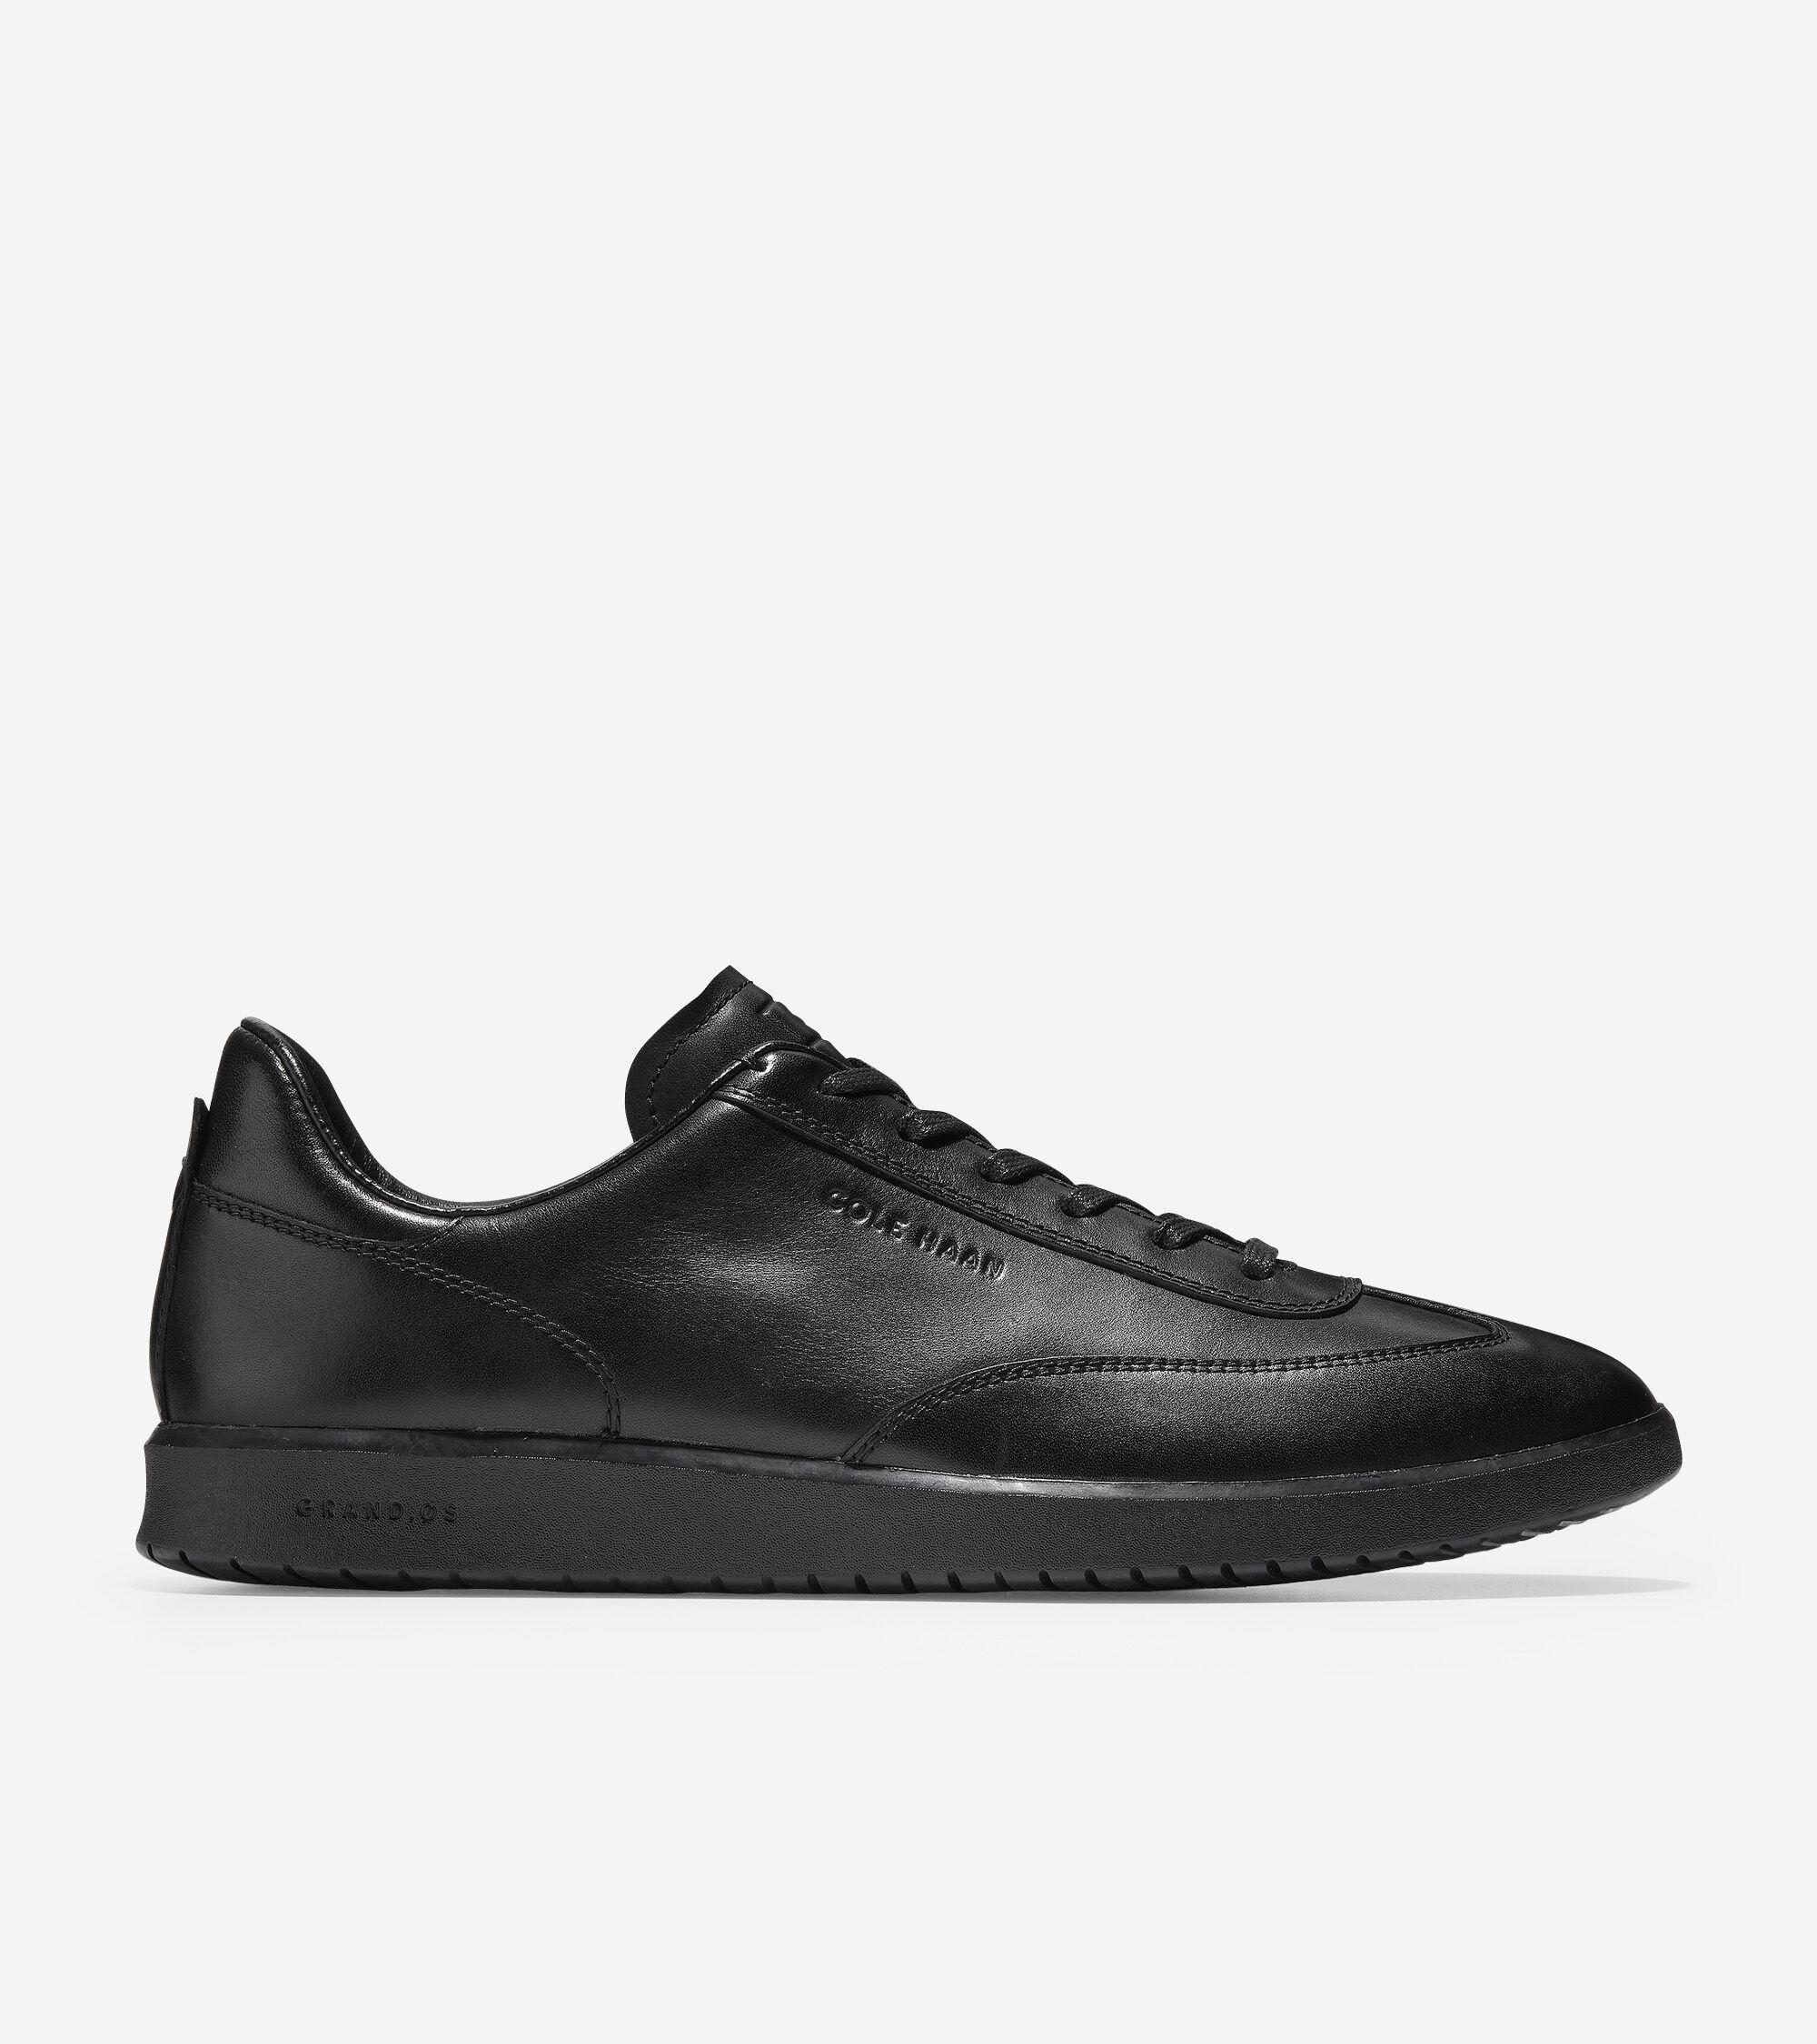 Turf Sneaker in Black - Black | Cole Haan